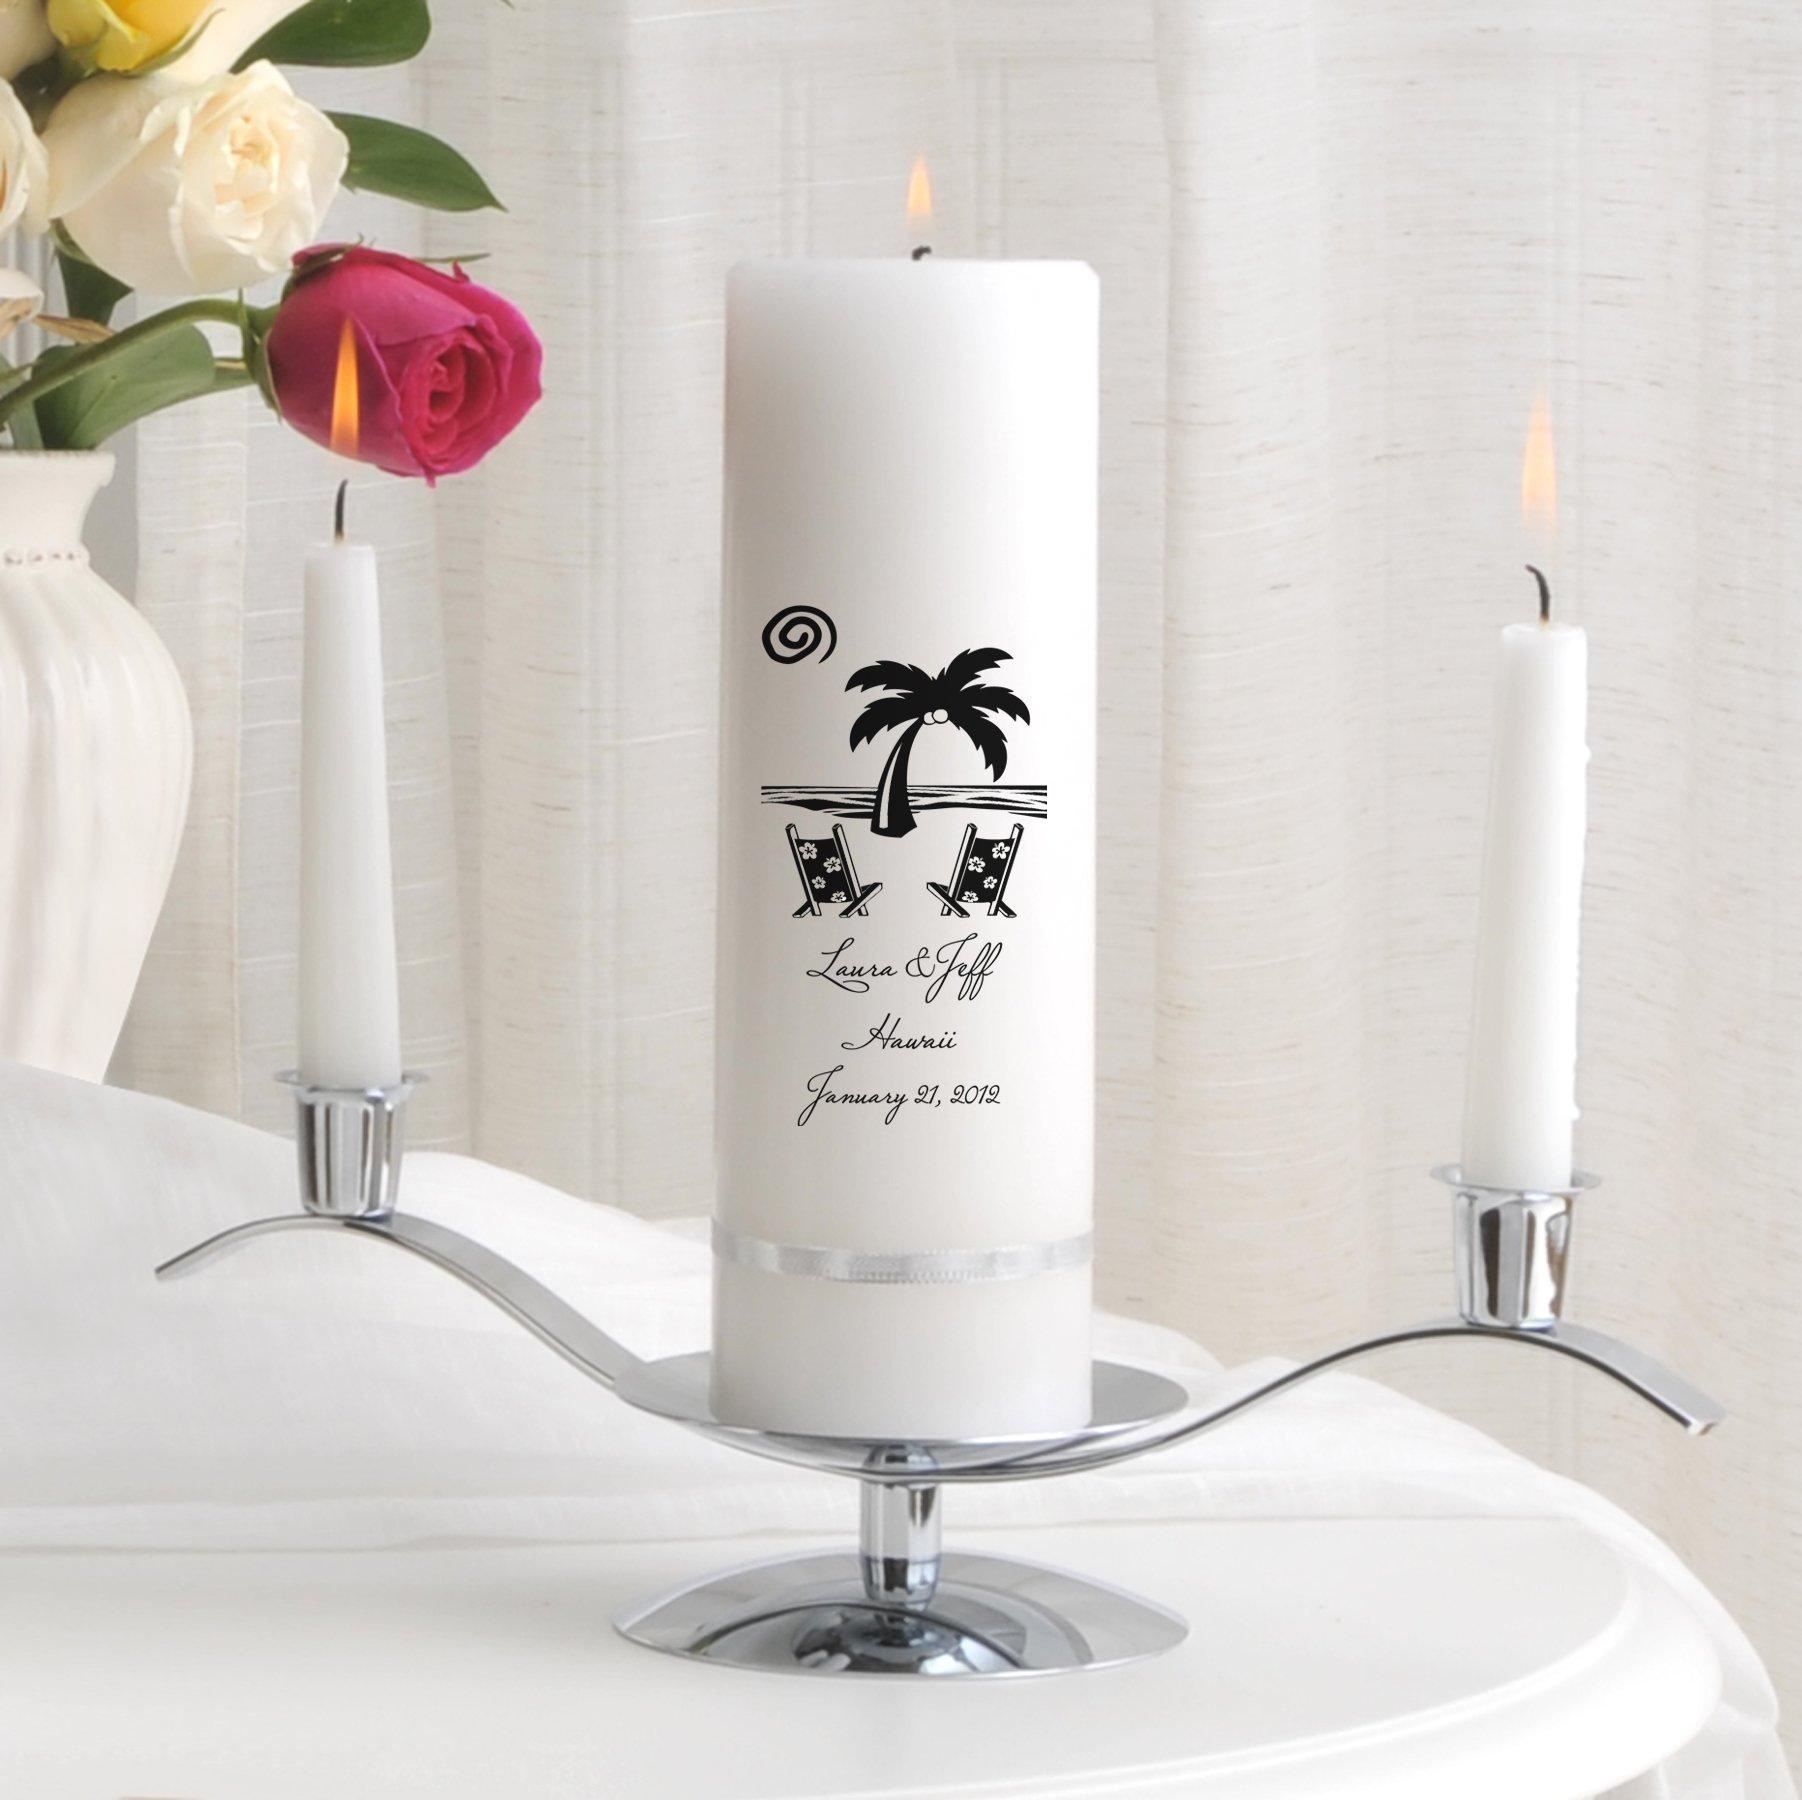 Personalized Wedding Unity Candle - Personalized Unity Candle Set - Destination